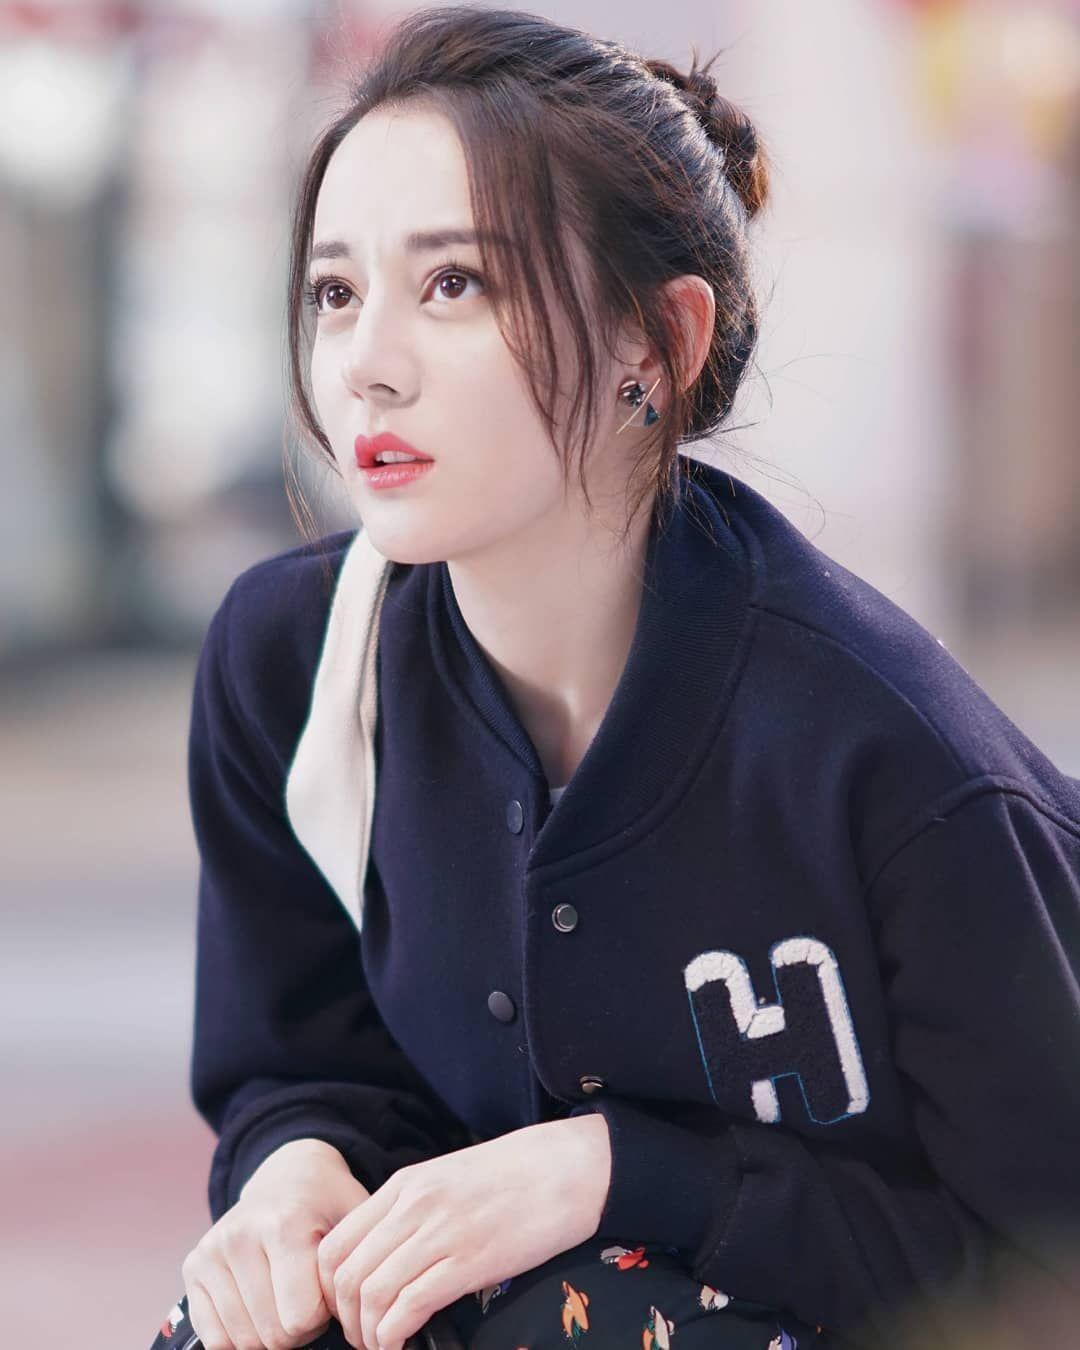 体内小宇宙爆发🔥凌凌七 冲! 冲! 冲啊!#电视剧一千零一夜 #迪丽热巴凌 ...